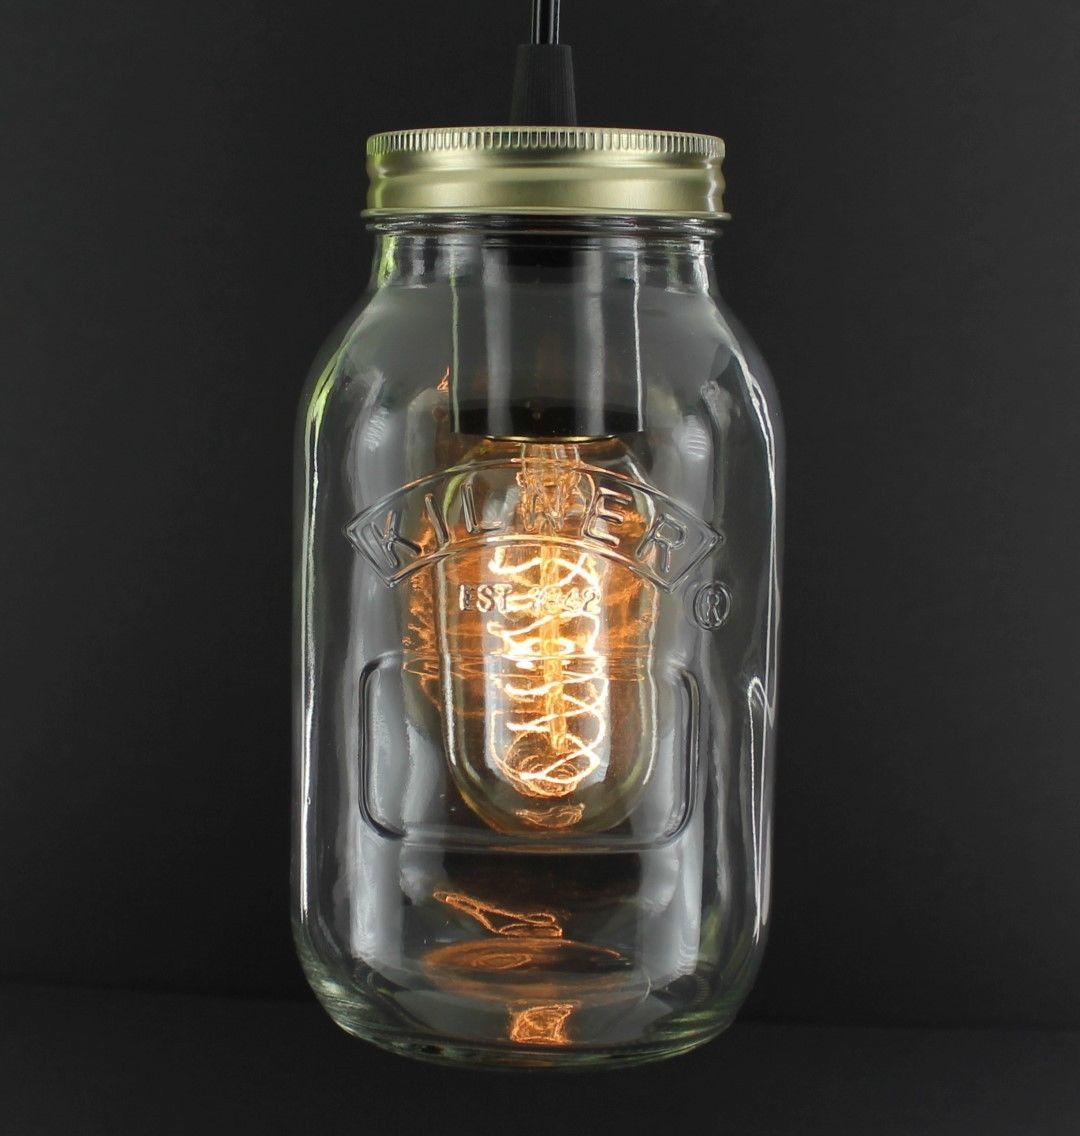 Rustic Industrial Lighting Chandelier Mason Jar Chandelier: Edison Bulb Vintage Industrial Pendant Light Mason Kilner